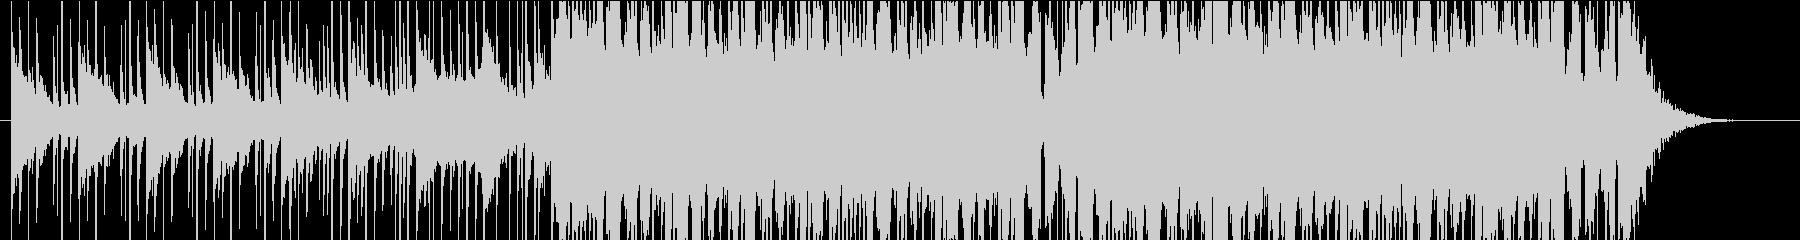 爽やかなトロピカルハウスの未再生の波形